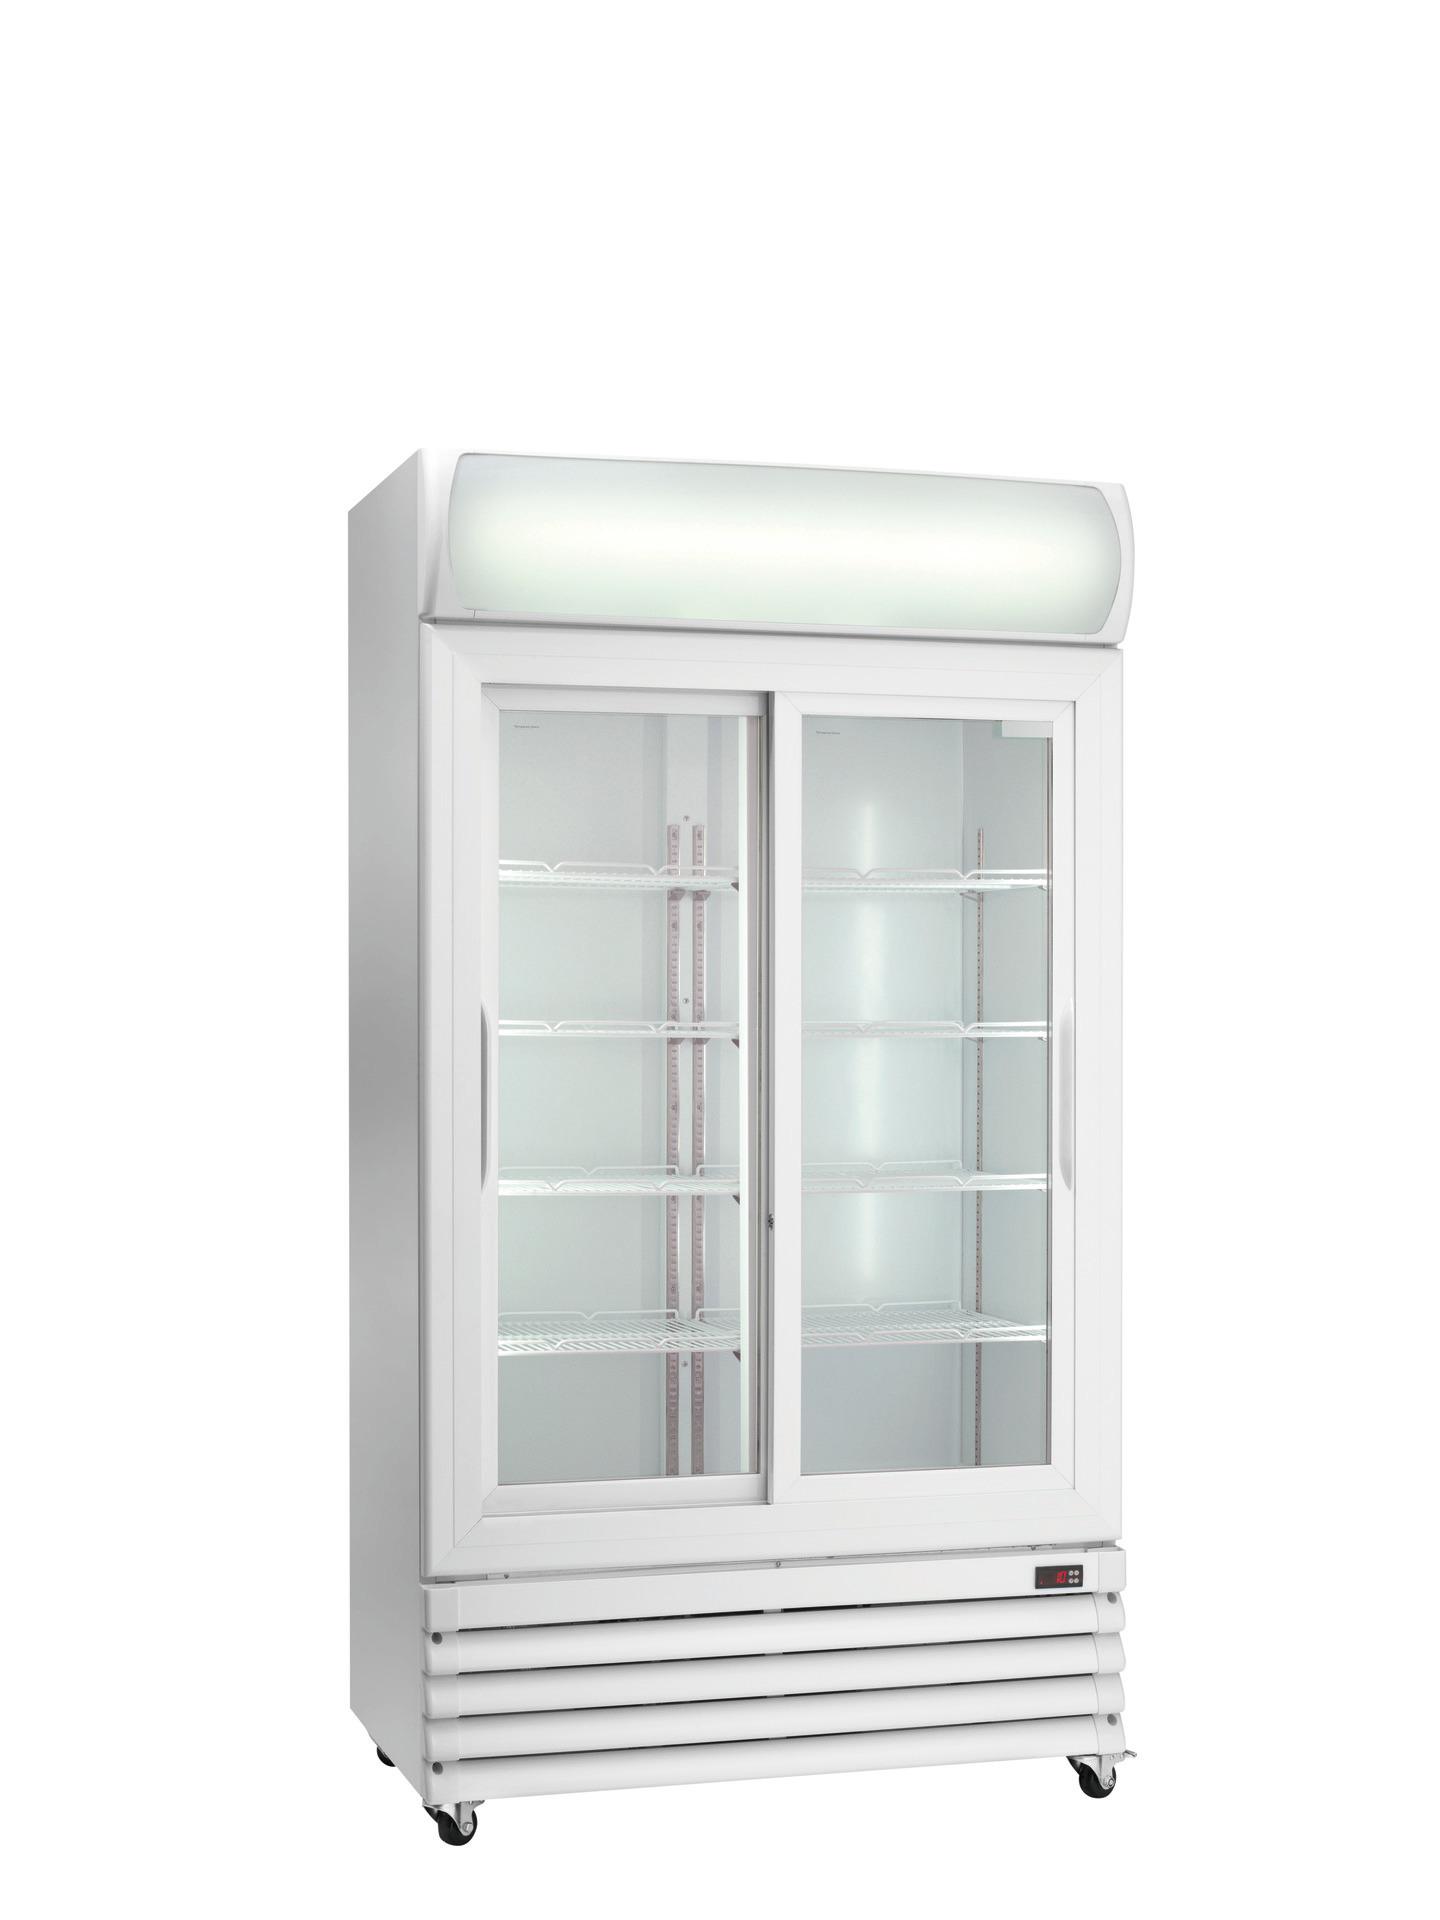 Flaschenkühlschrank Glas-Schiebetüren 670 l 1120 x 610 x 1973 mm